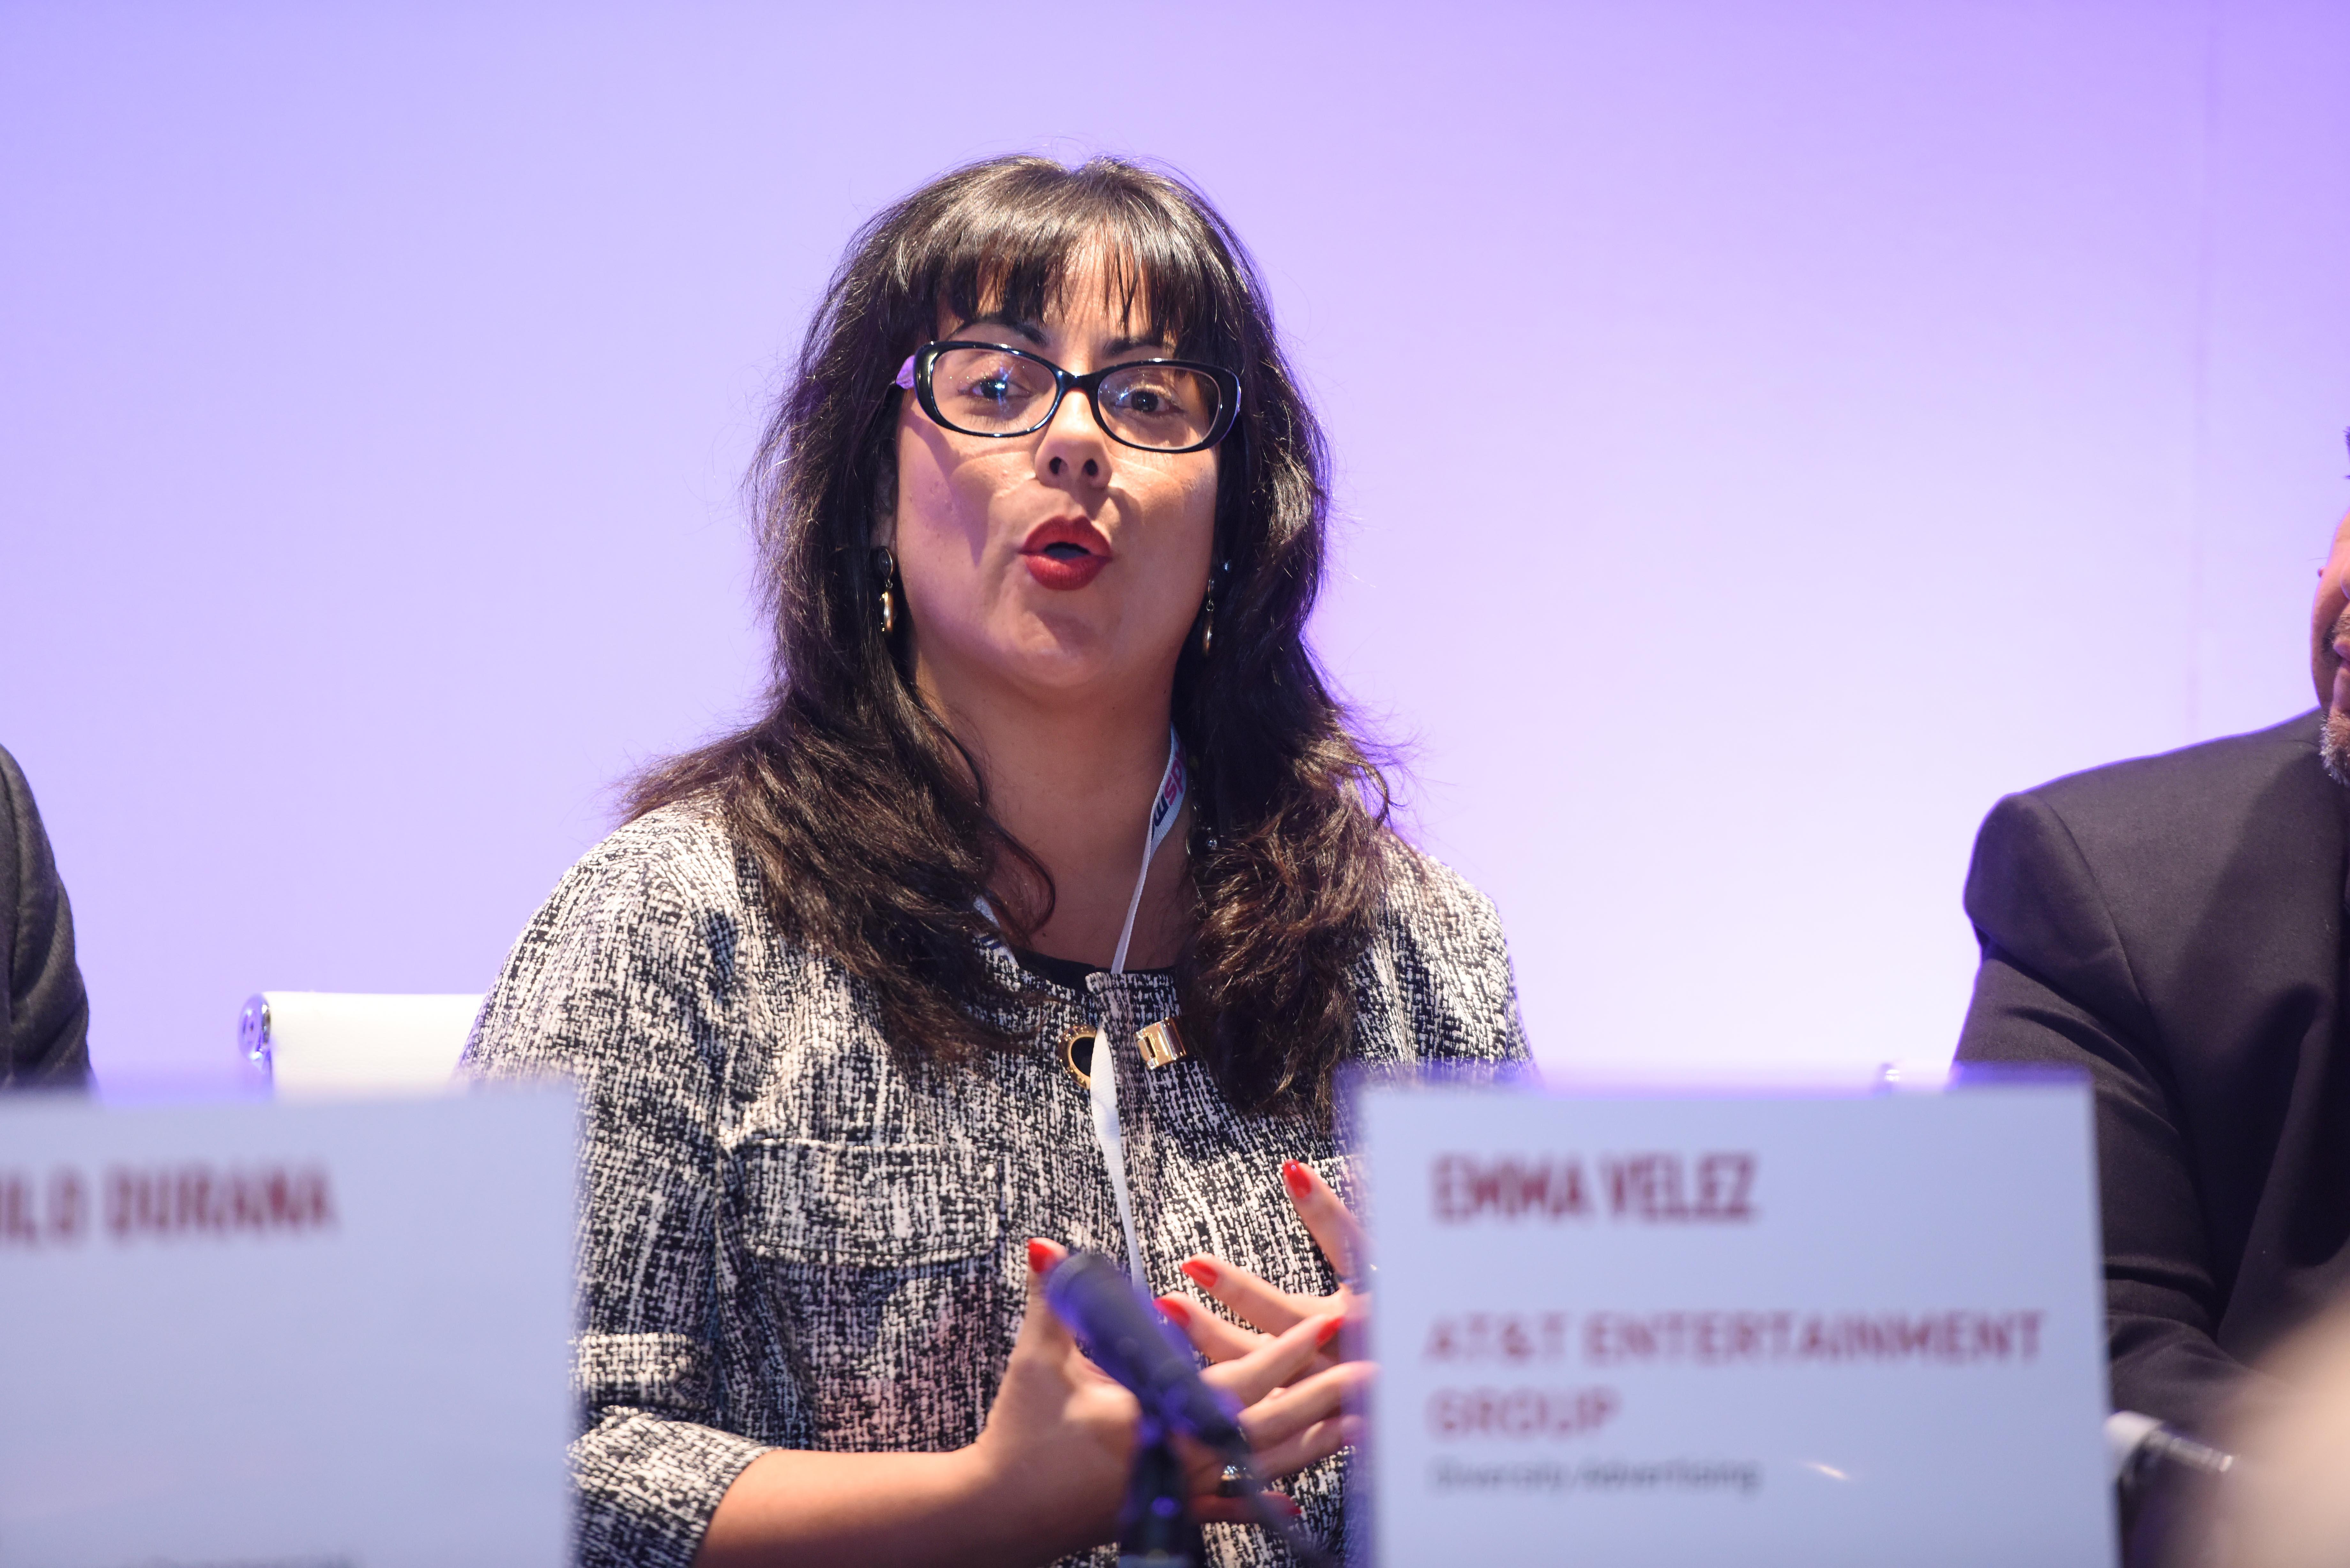 Emma Velez